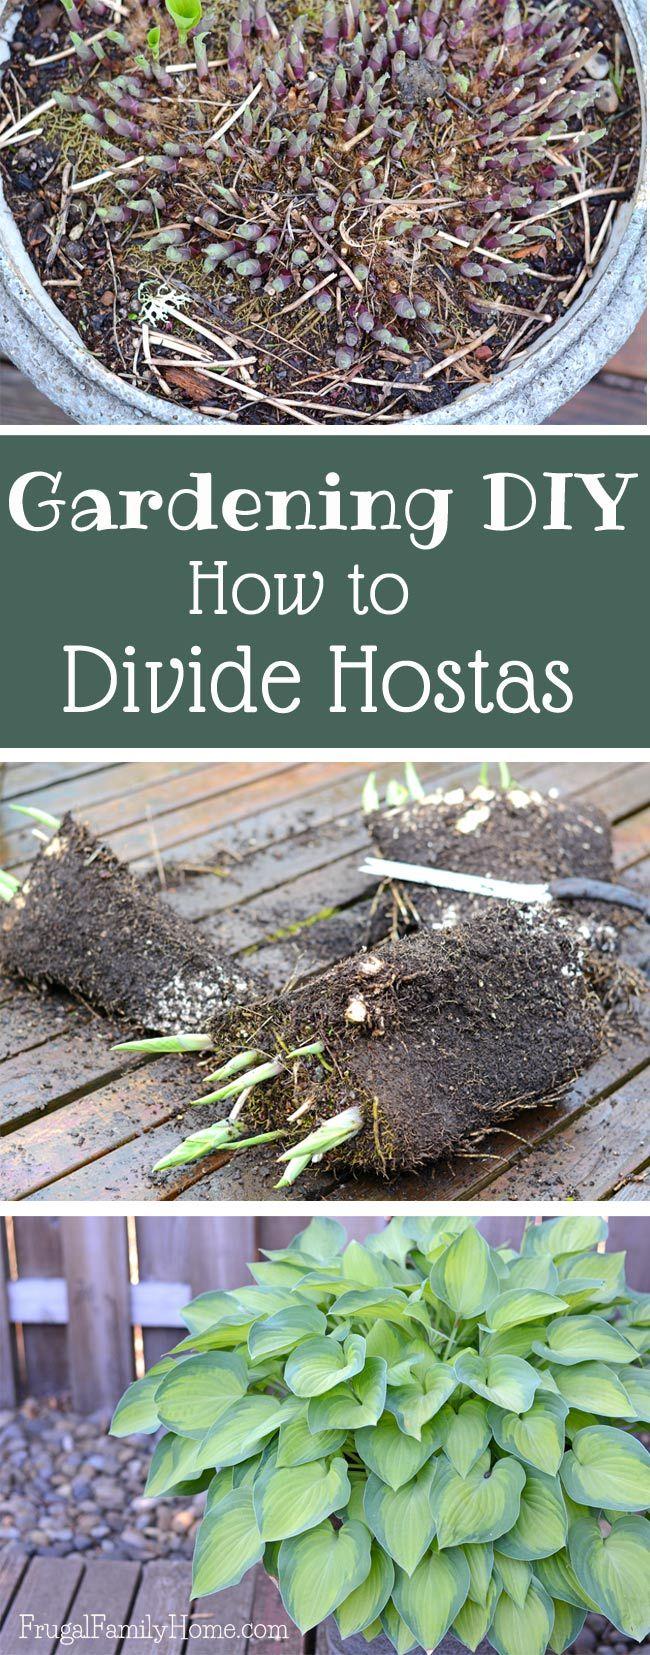 Gardening DIY, How to Divide Hostas